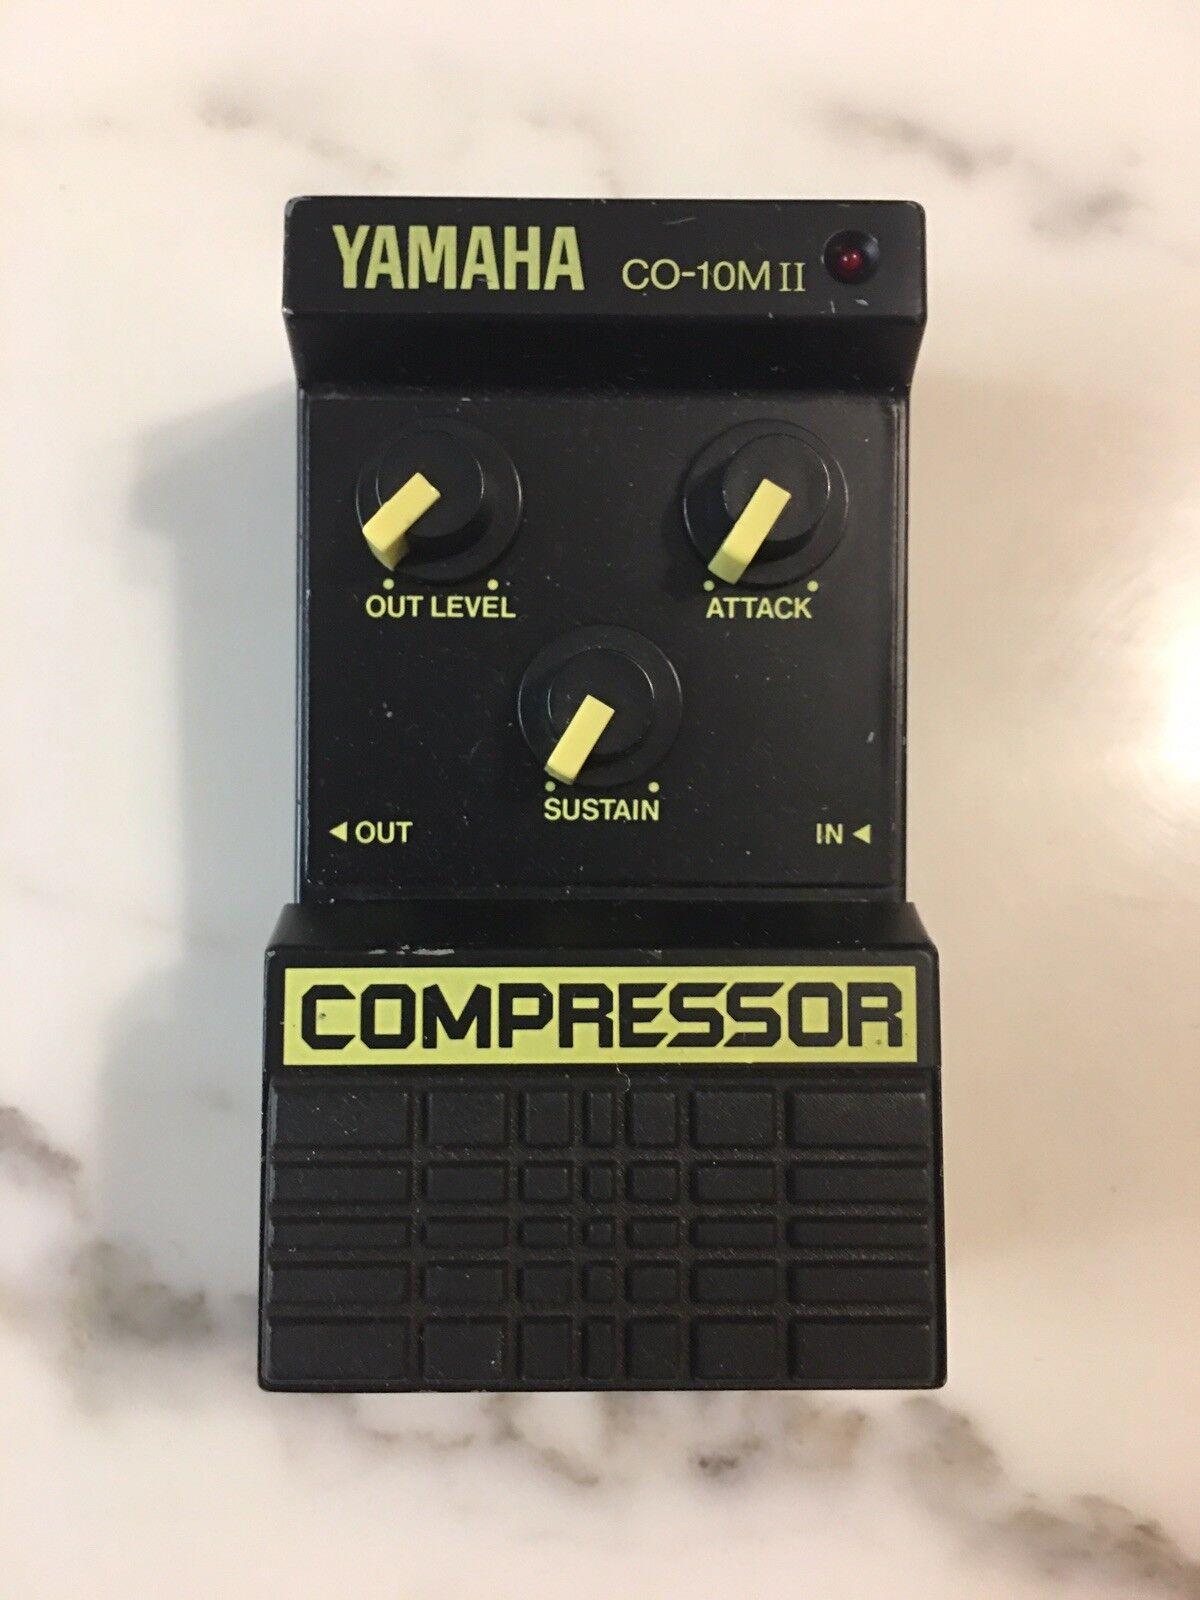 Yamaha CO-10MII Compressor Sustainer Rare Vintage Guitar Effect Pedal MIJ Japan